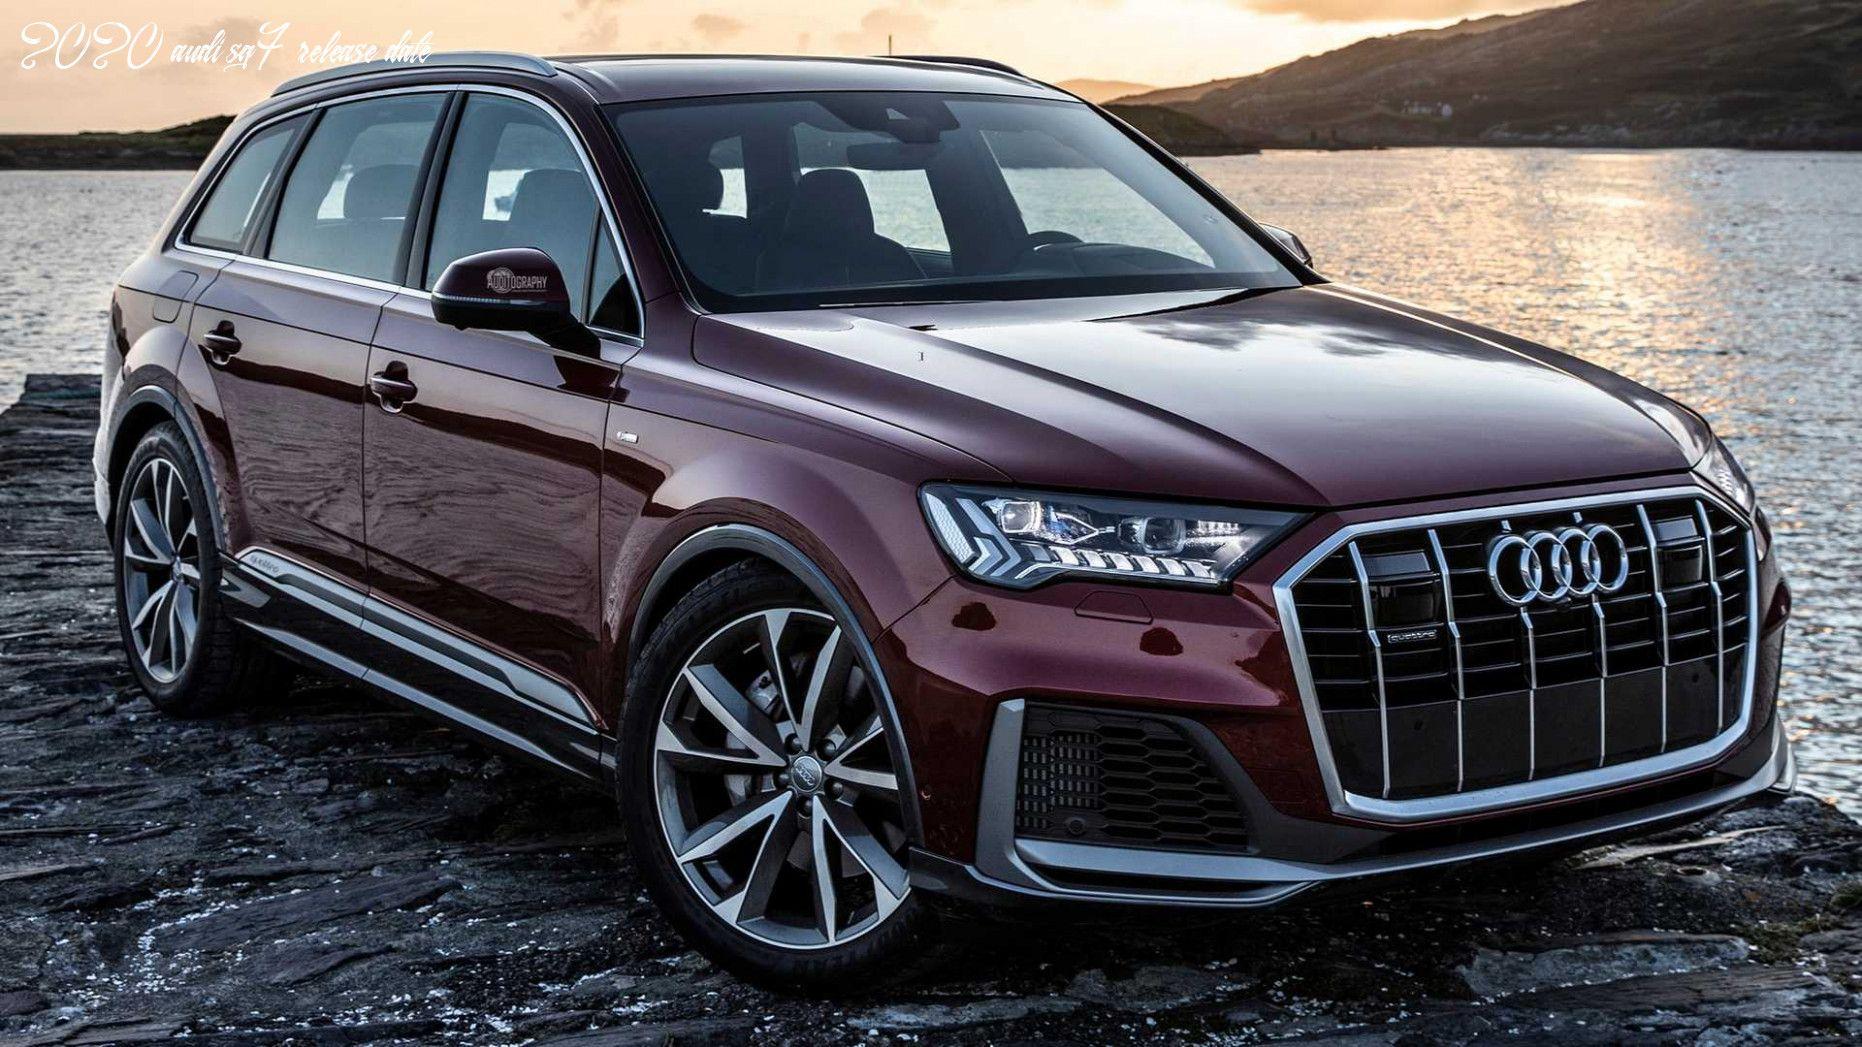 2020 Audi Sq7 Release Date In 2020 Audi Q7 New Suv Audi